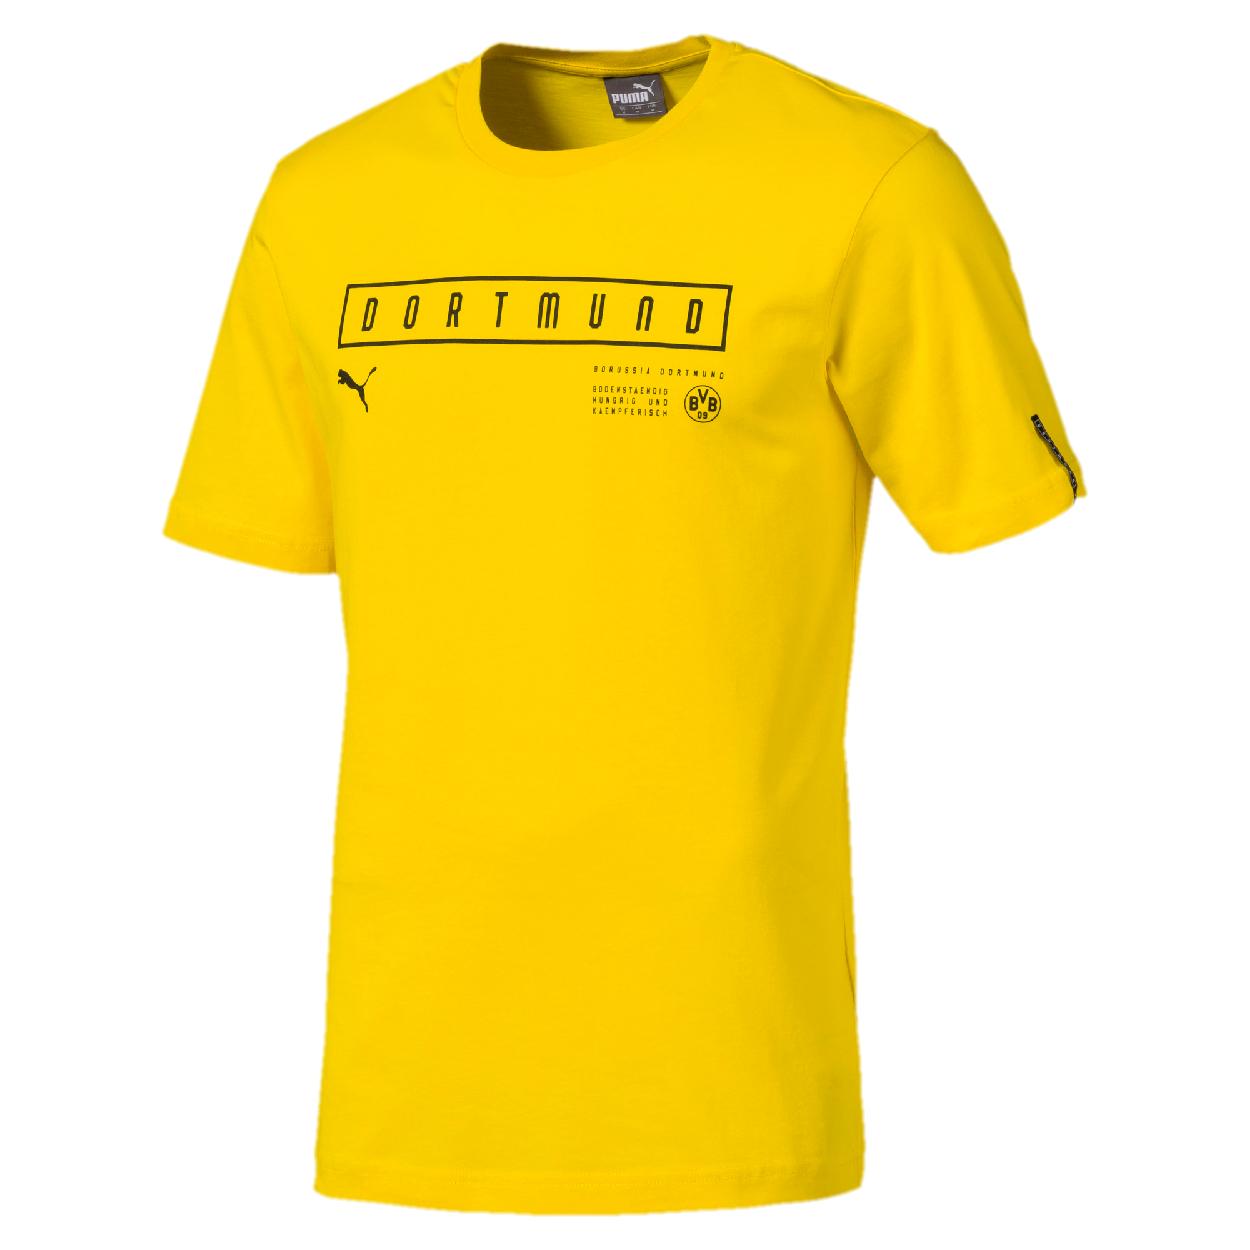 Puma BVB Borussia Dortmund Herren Fan T Shirt Freizeitshirt 754597 01 gelb